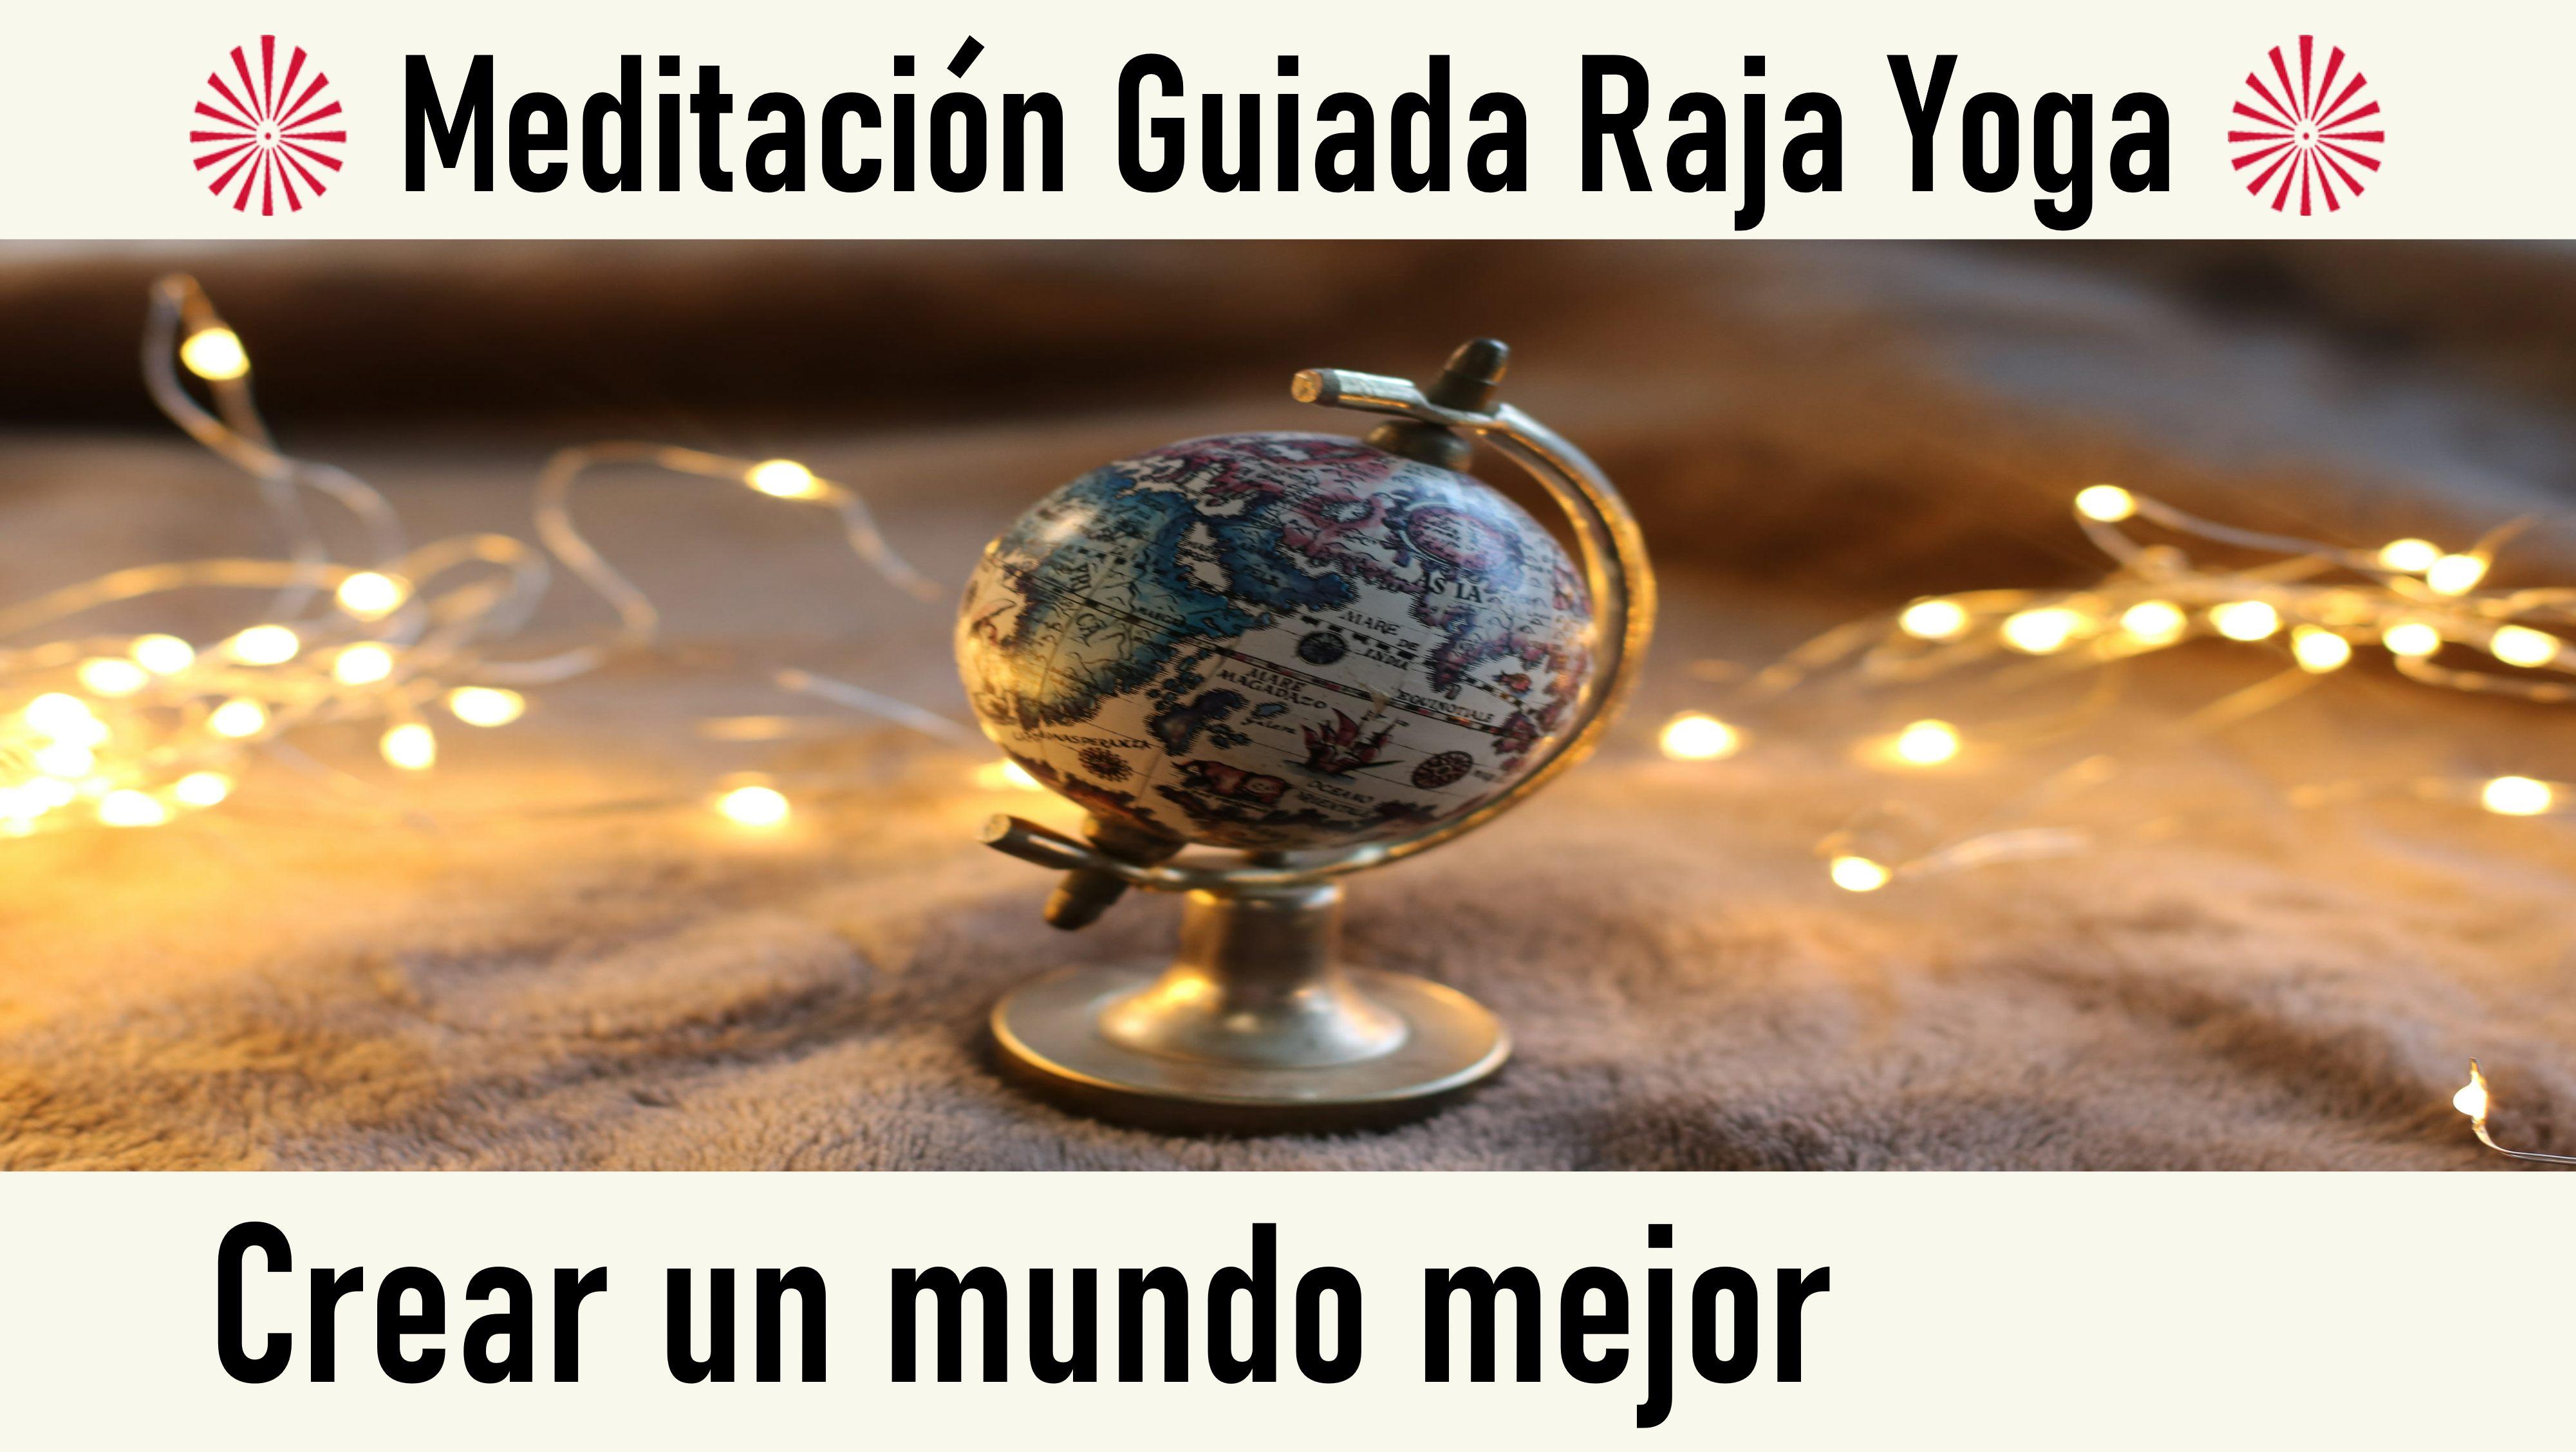 Meditación Raja Yoga: Crear un mundo mejor (27 Septiembre 2020) On-line desde Valencia